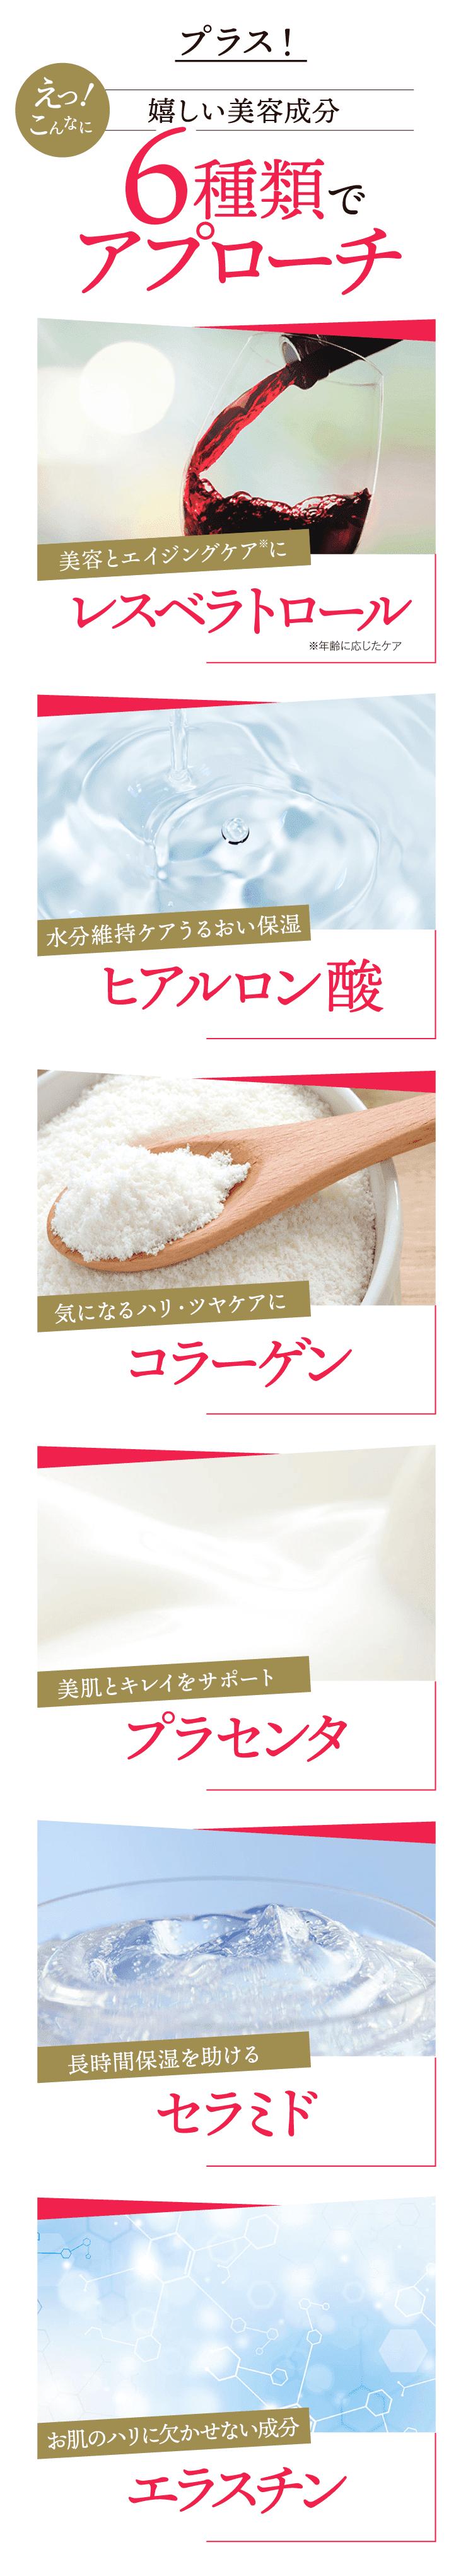 嬉しい美容成分 レスペラトロール ヒアルロン酸 コラーゲン プラセンタ セラミド エラスチン